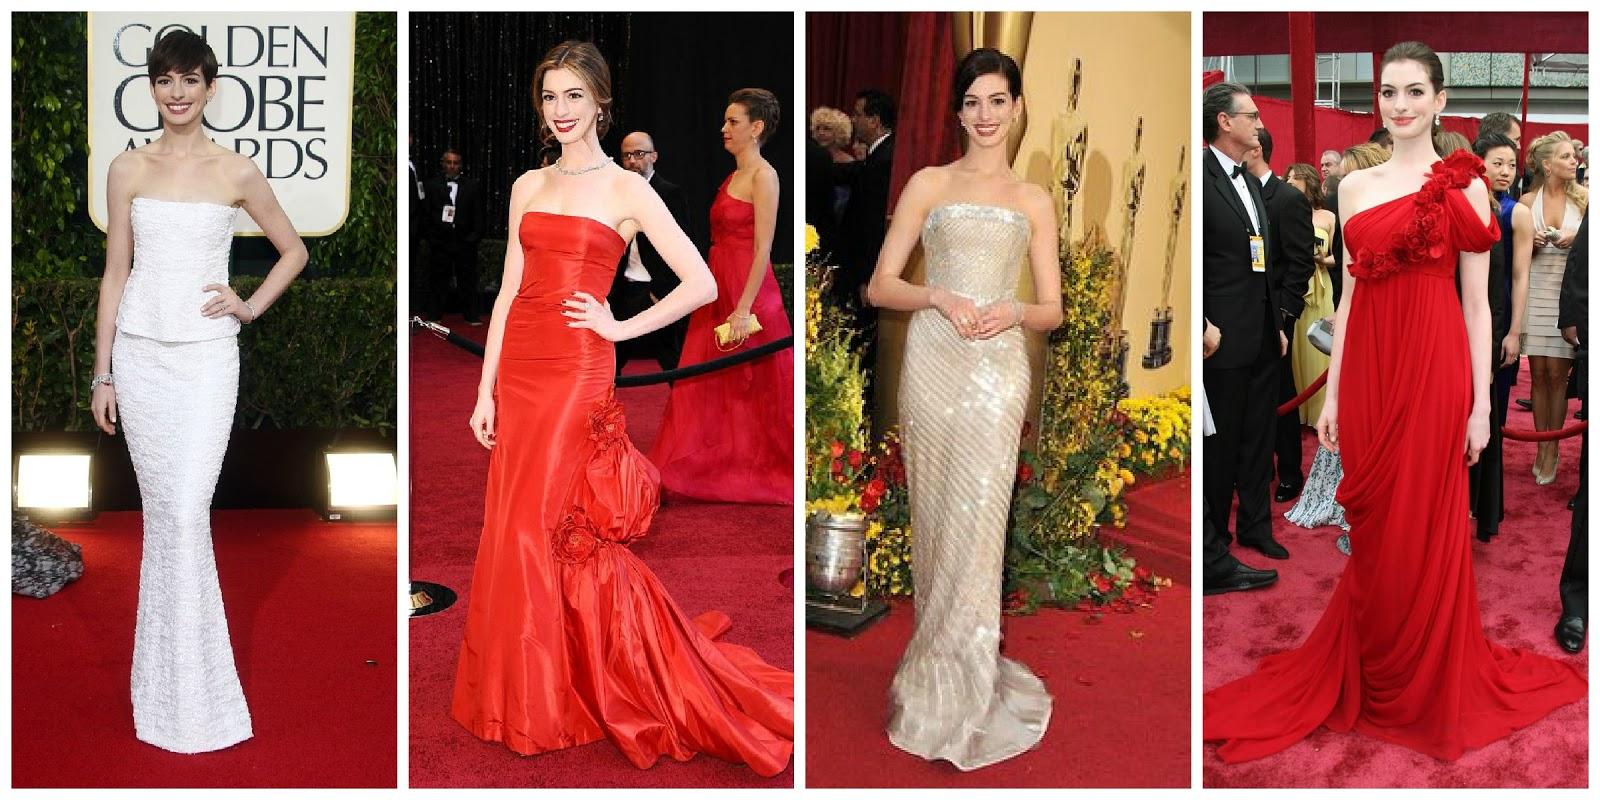 http://1.bp.blogspot.com/-4F0xIR5gkSg/USbjMdZfMYI/AAAAAAAACAc/zGZSXaAxgpg/s1600/Anne+Hathaway+Gowns+Dresses+Oscars+Golden+Globes+Fashion+Style.jpg